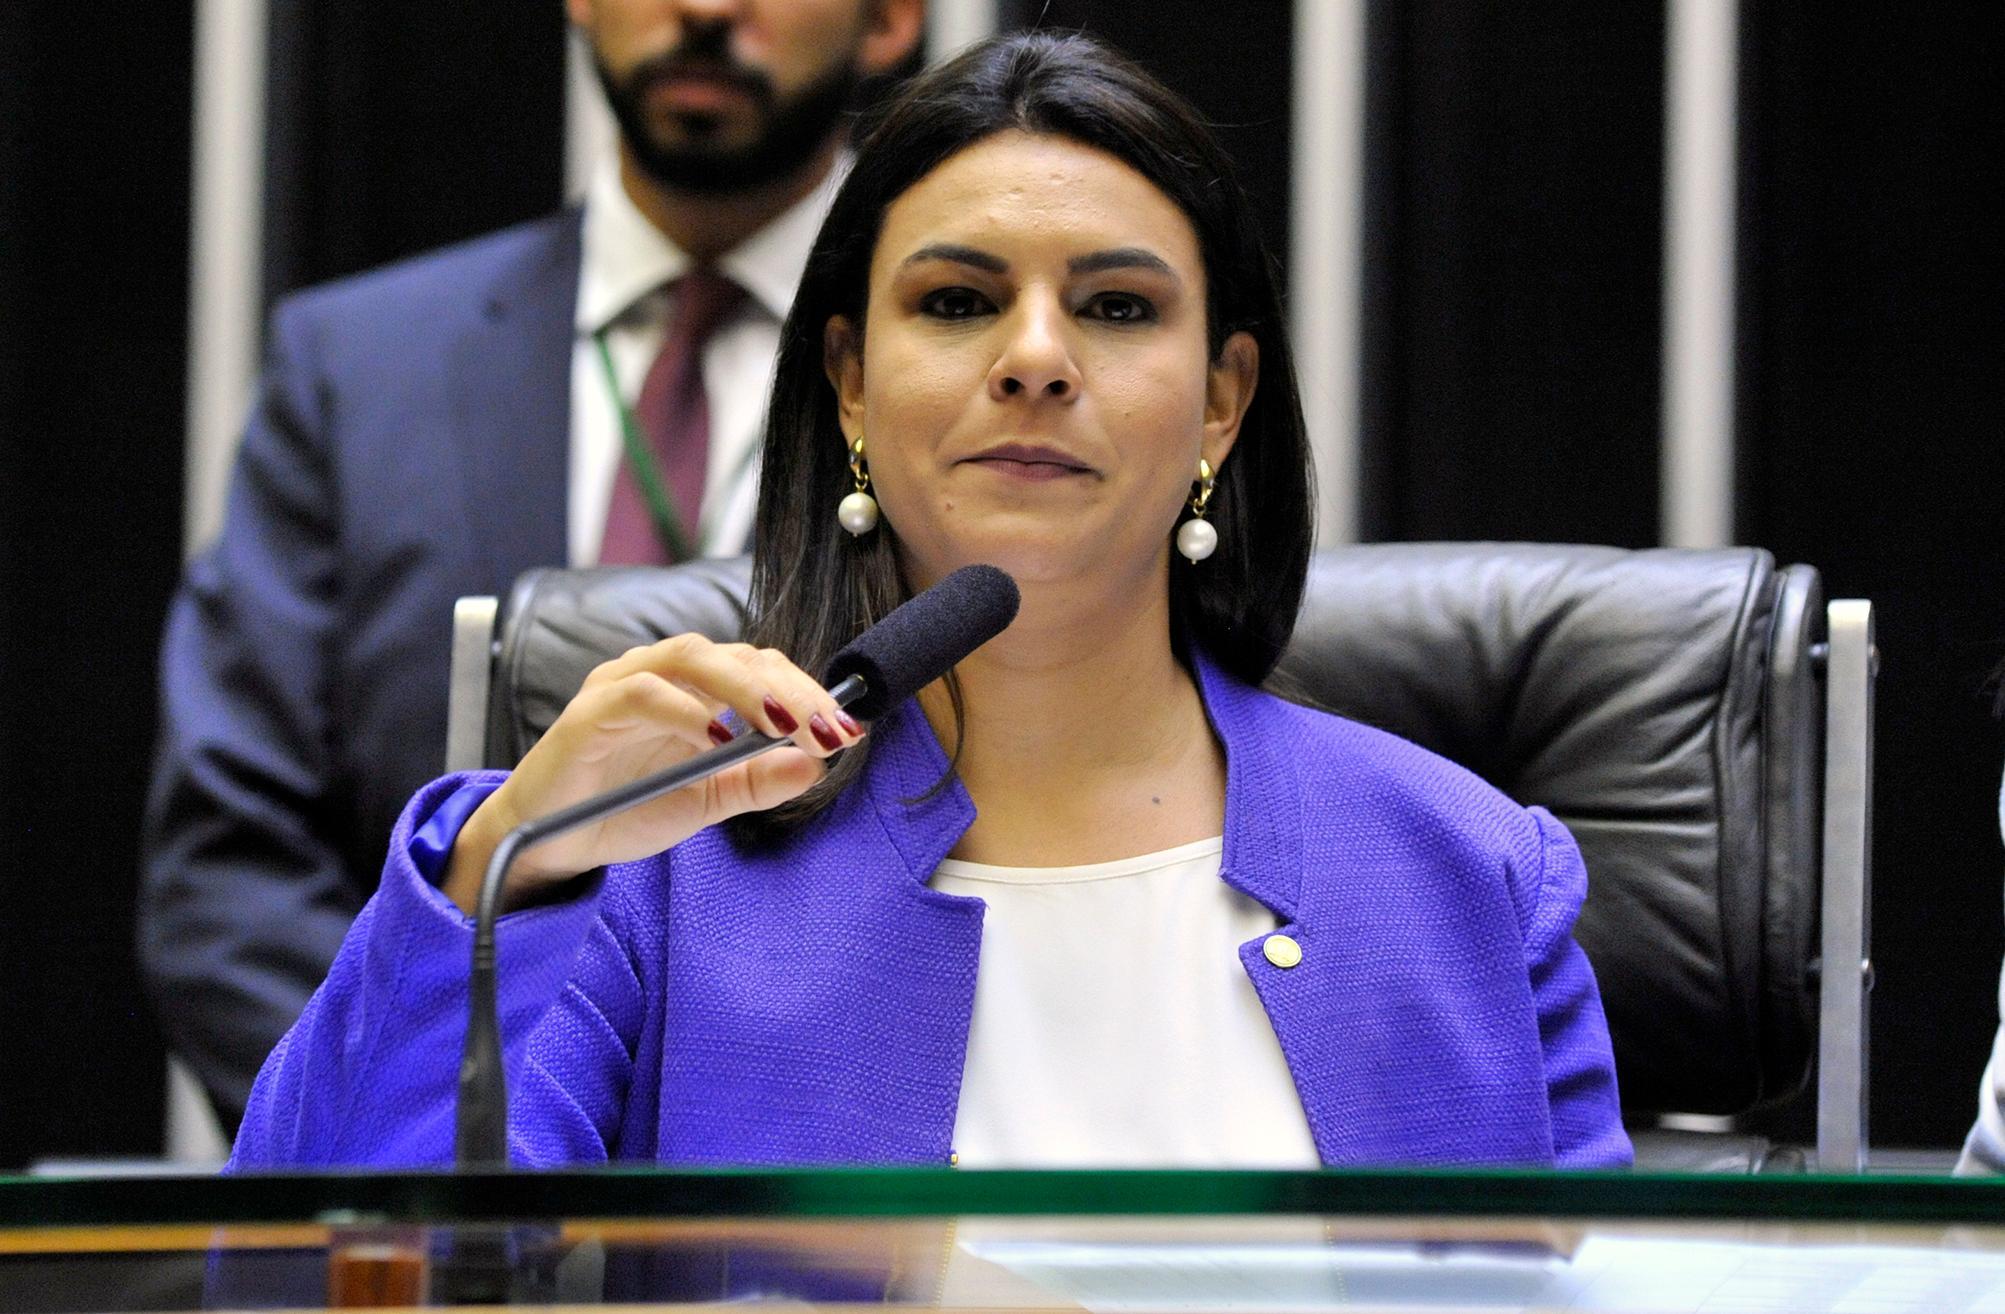 Ordem do dia para discussão e votação de diversos projetos. Dep. Mariana Carvalho (PSDB - RO)